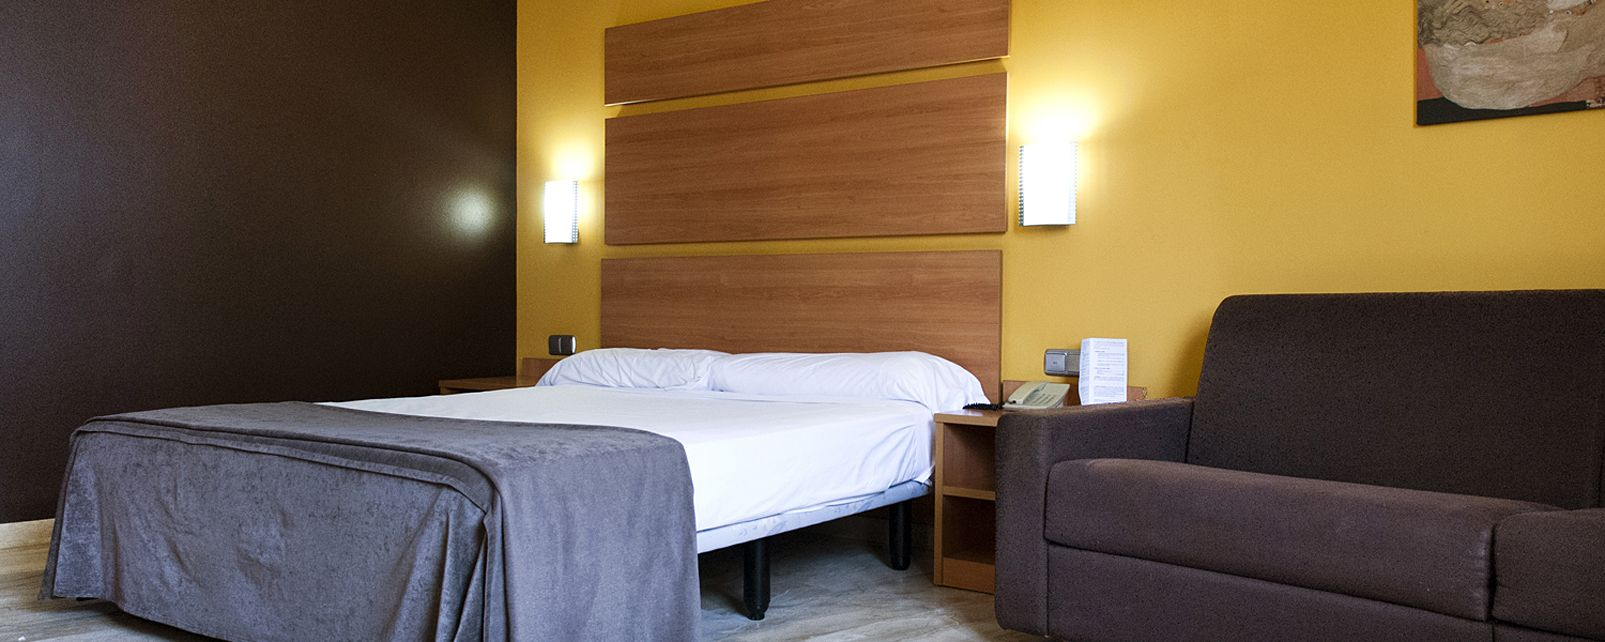 Hôtel SB EXPRESS TARRAGONA